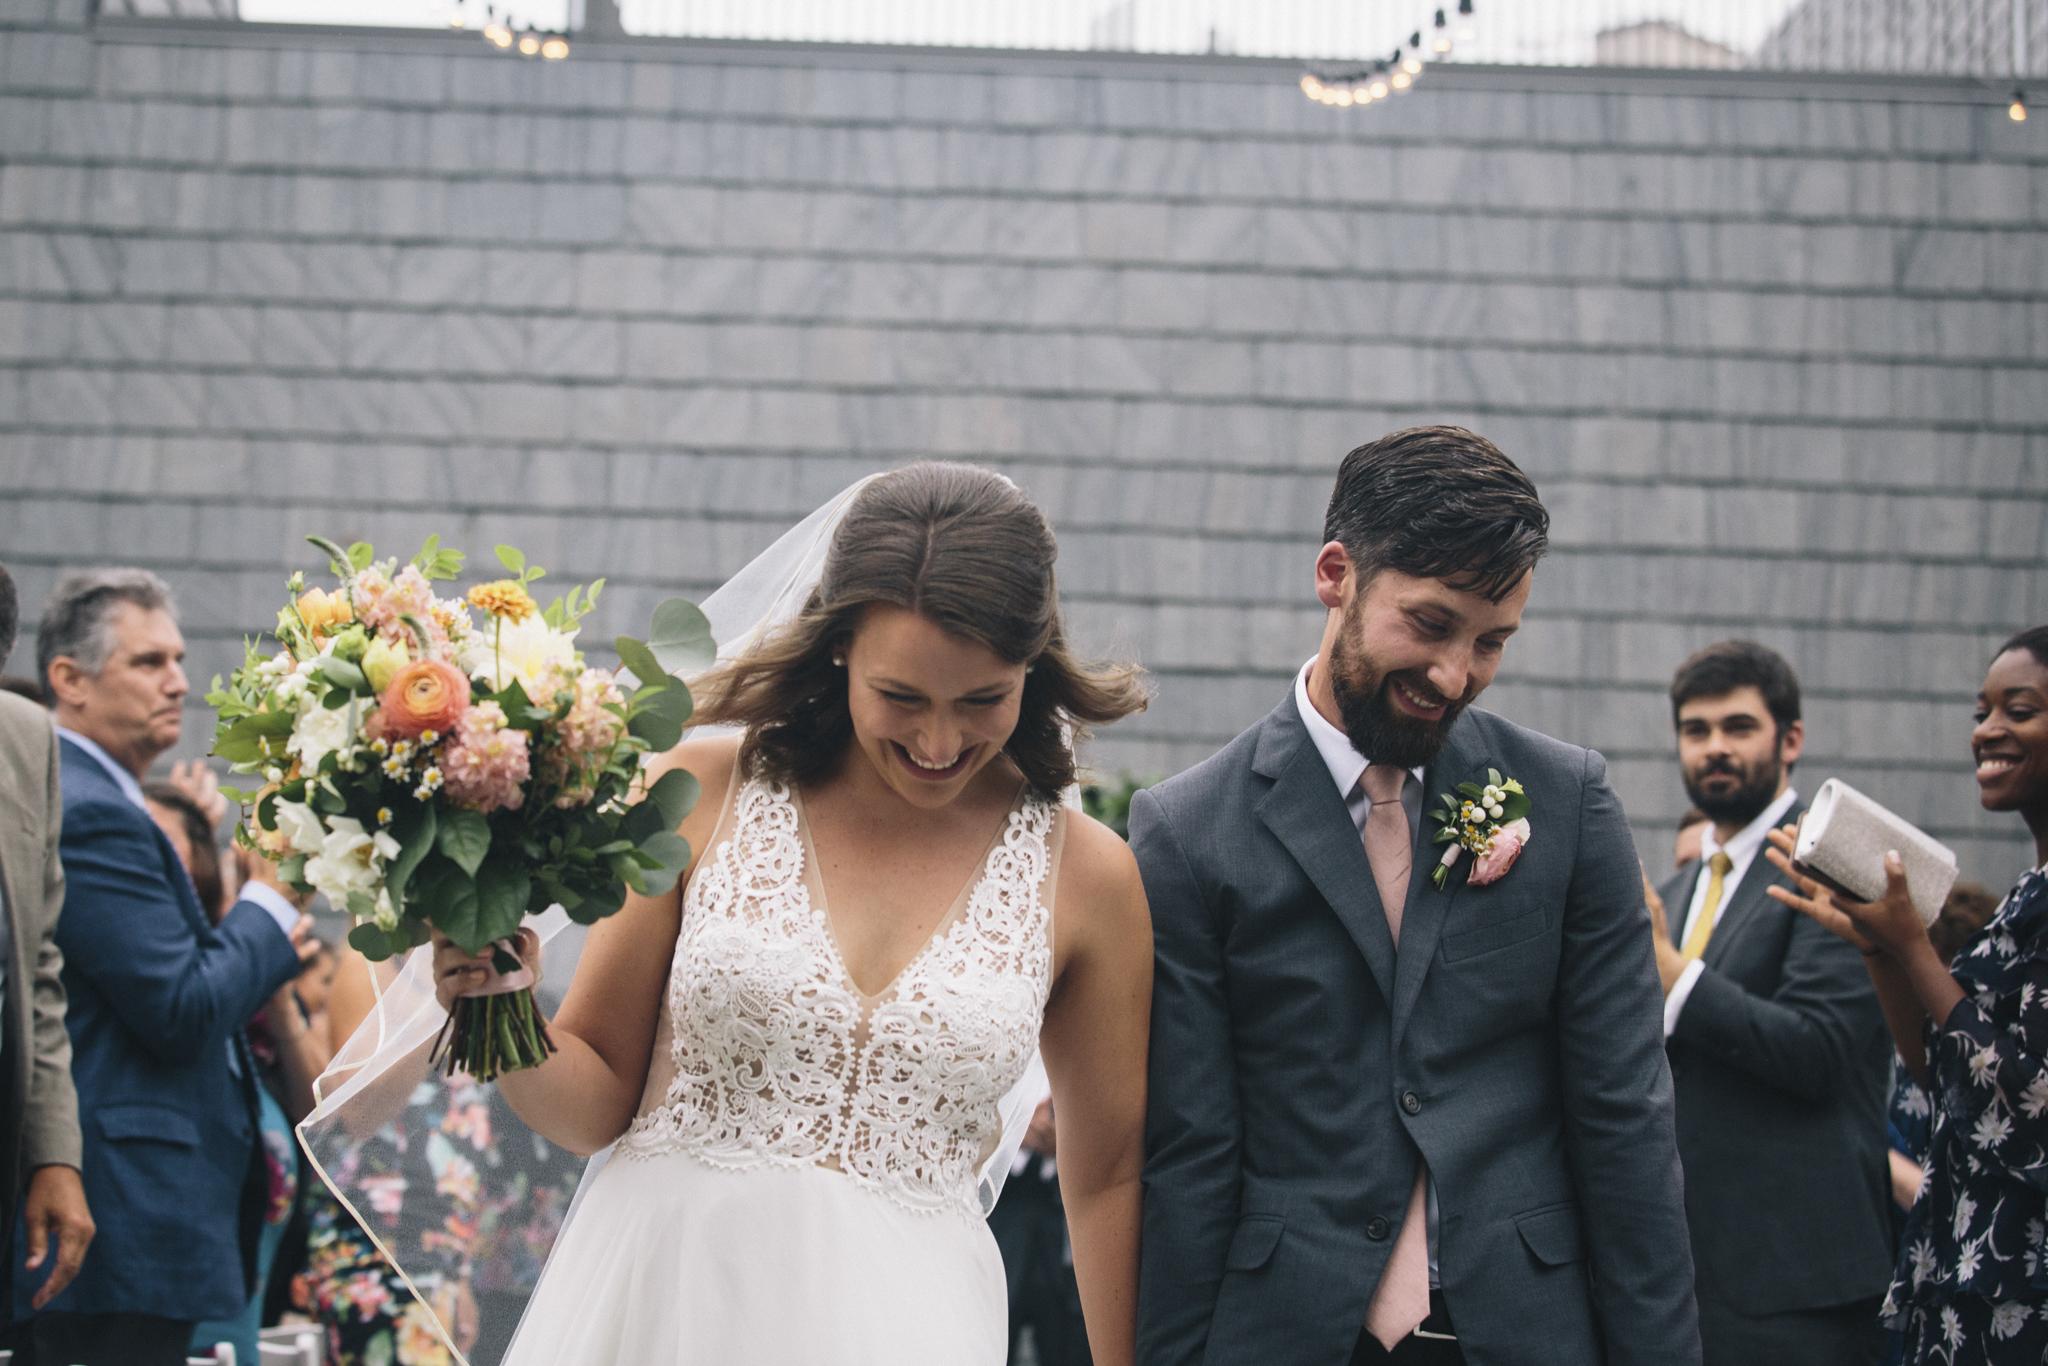 harlan_megmike_wedding_85.jpg